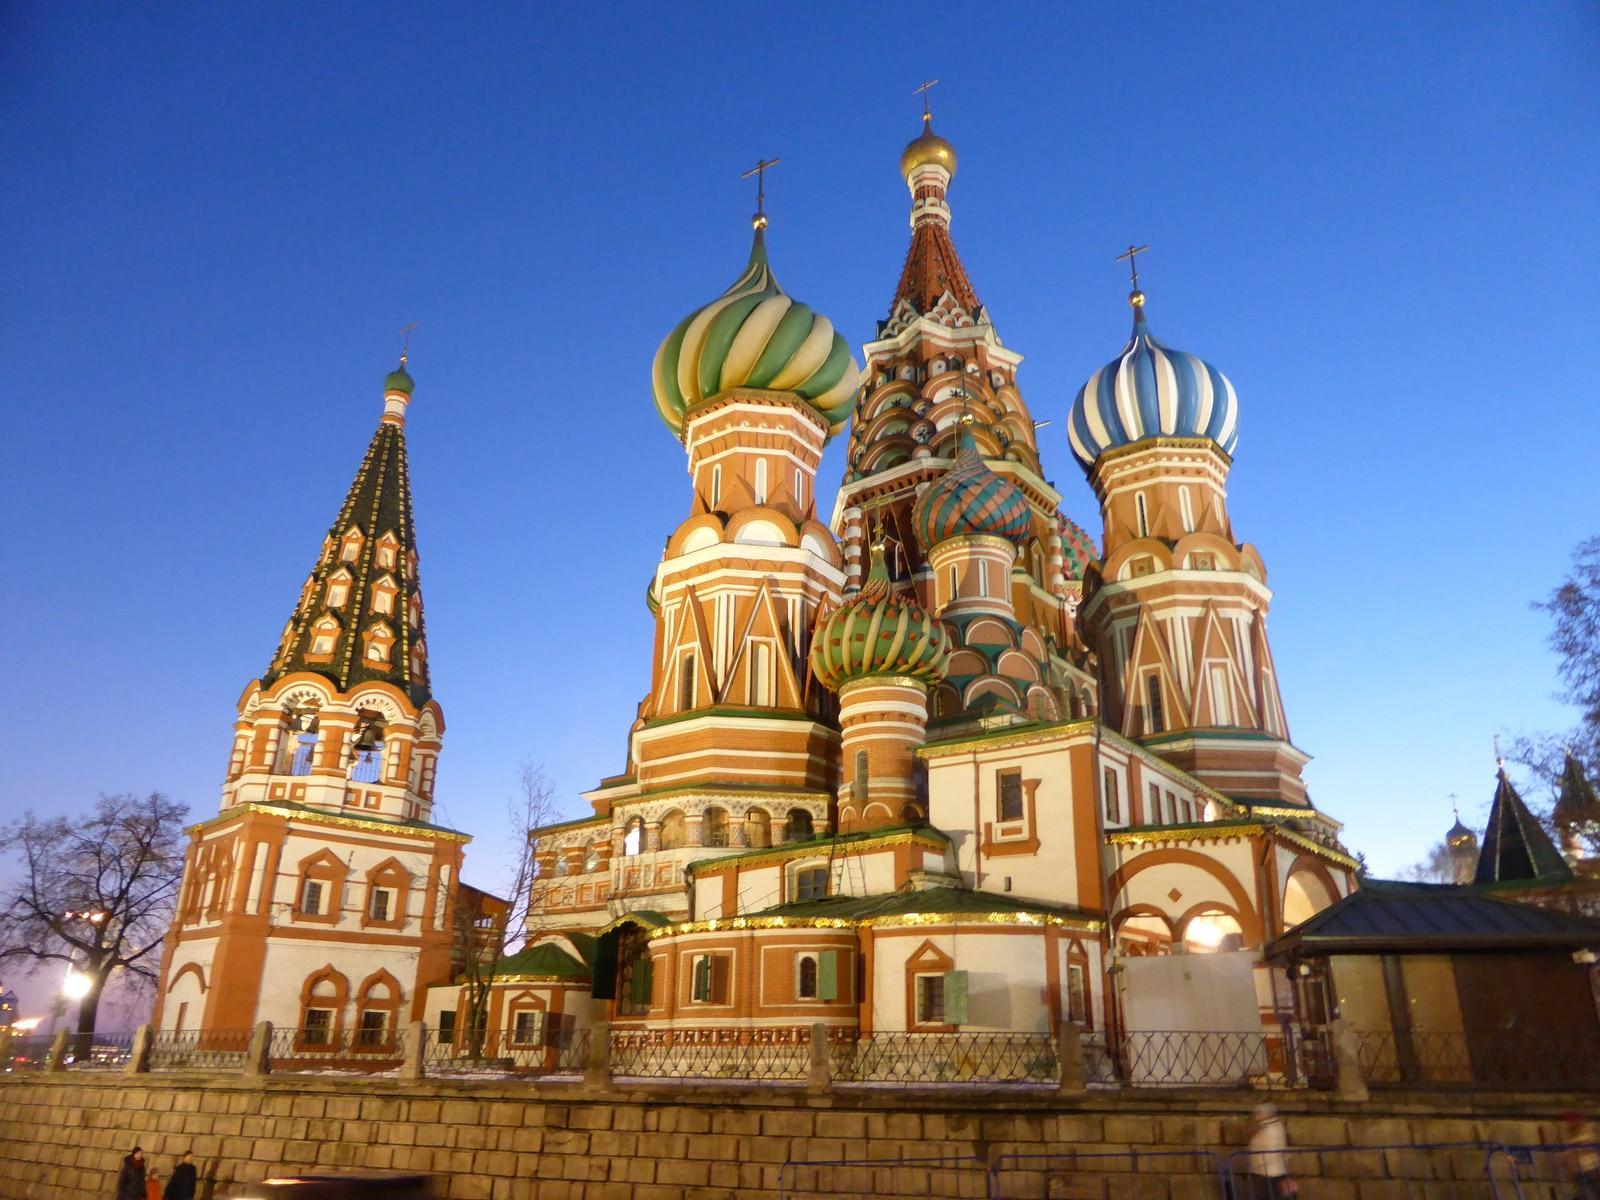 Pâques : Séjour de 5 nuits à Moscou pour 185€/p (Vol A/R + Hôtel inclus)